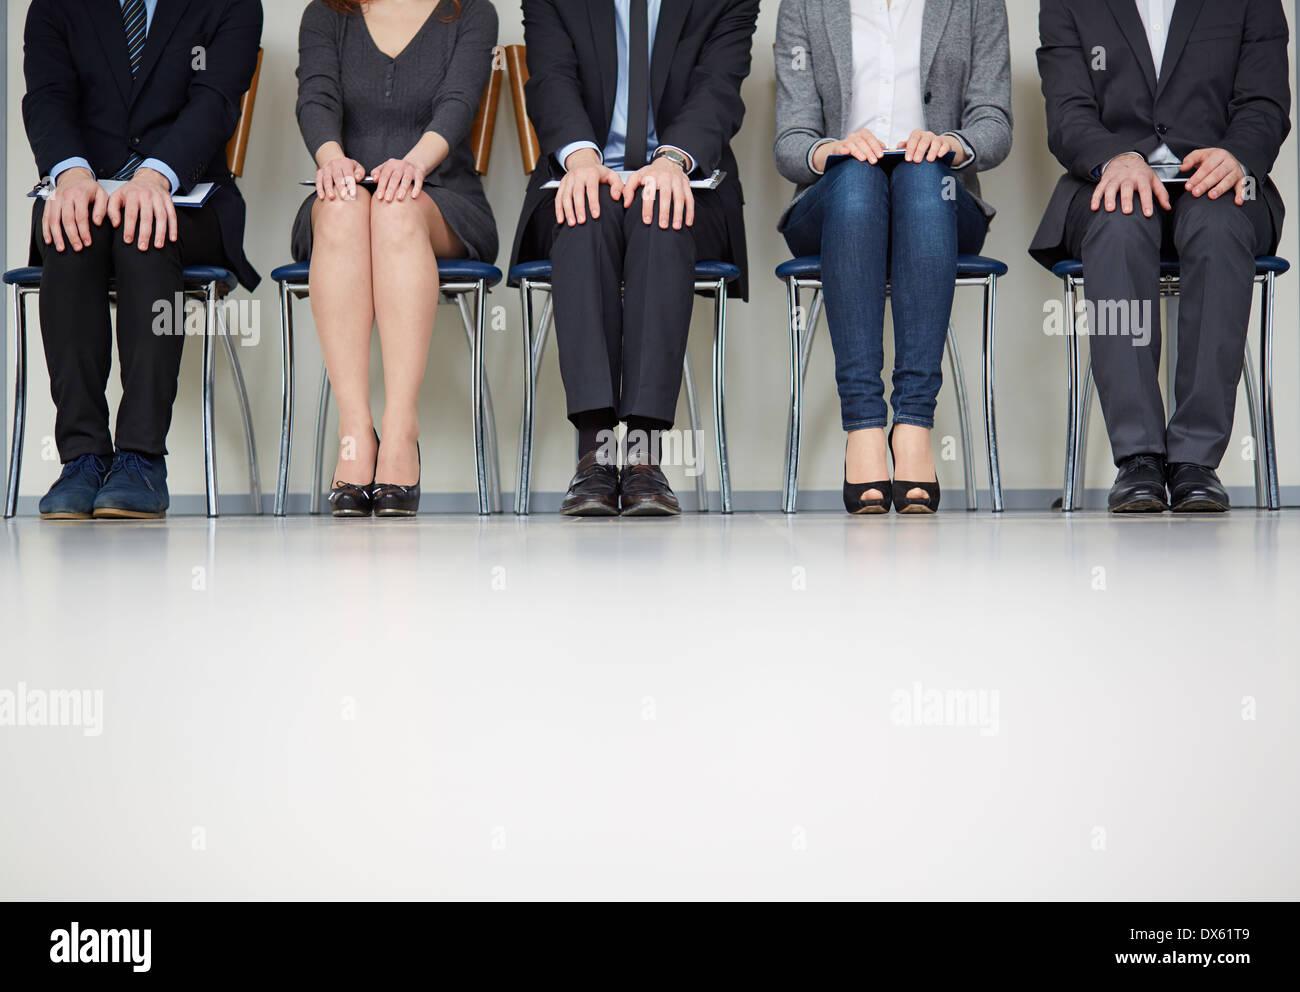 Portrait de personnes dans l'attente Banque D'Images